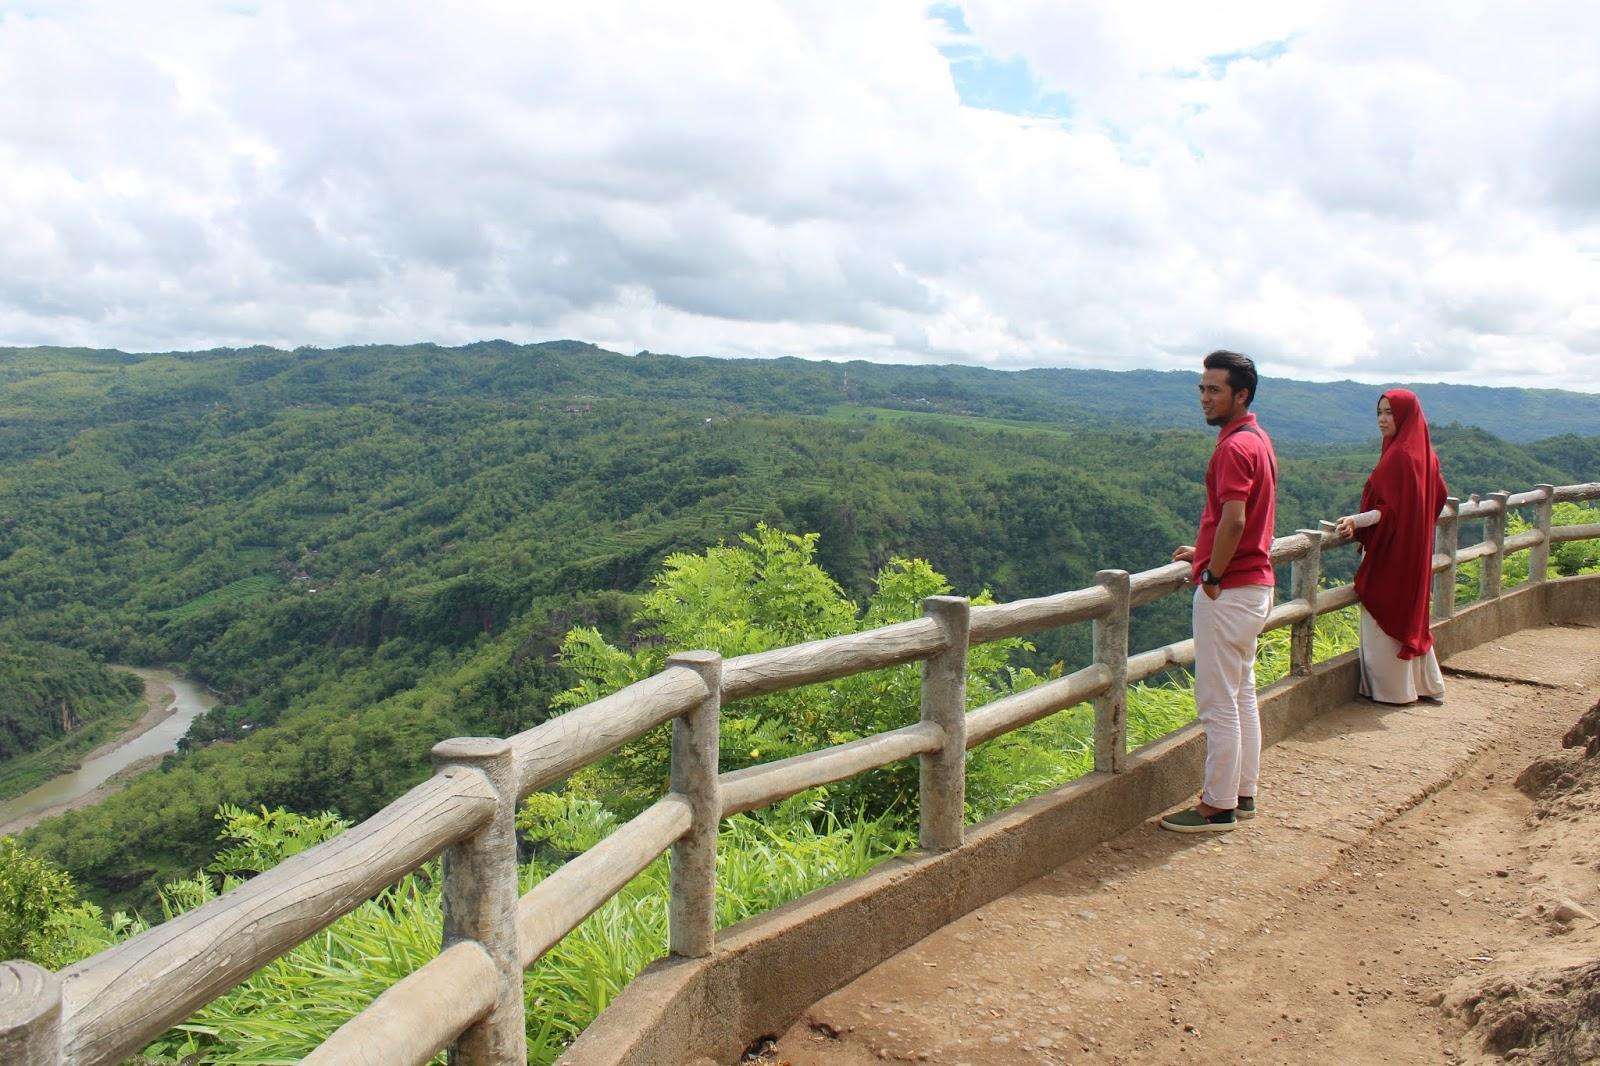 Kebun Buah Mangunan Rekomendasi Objek Wisata Di Jogja Untuk Melihat Sunrise Paket Wisata Jogja 082247407979 Dopiknik Tour